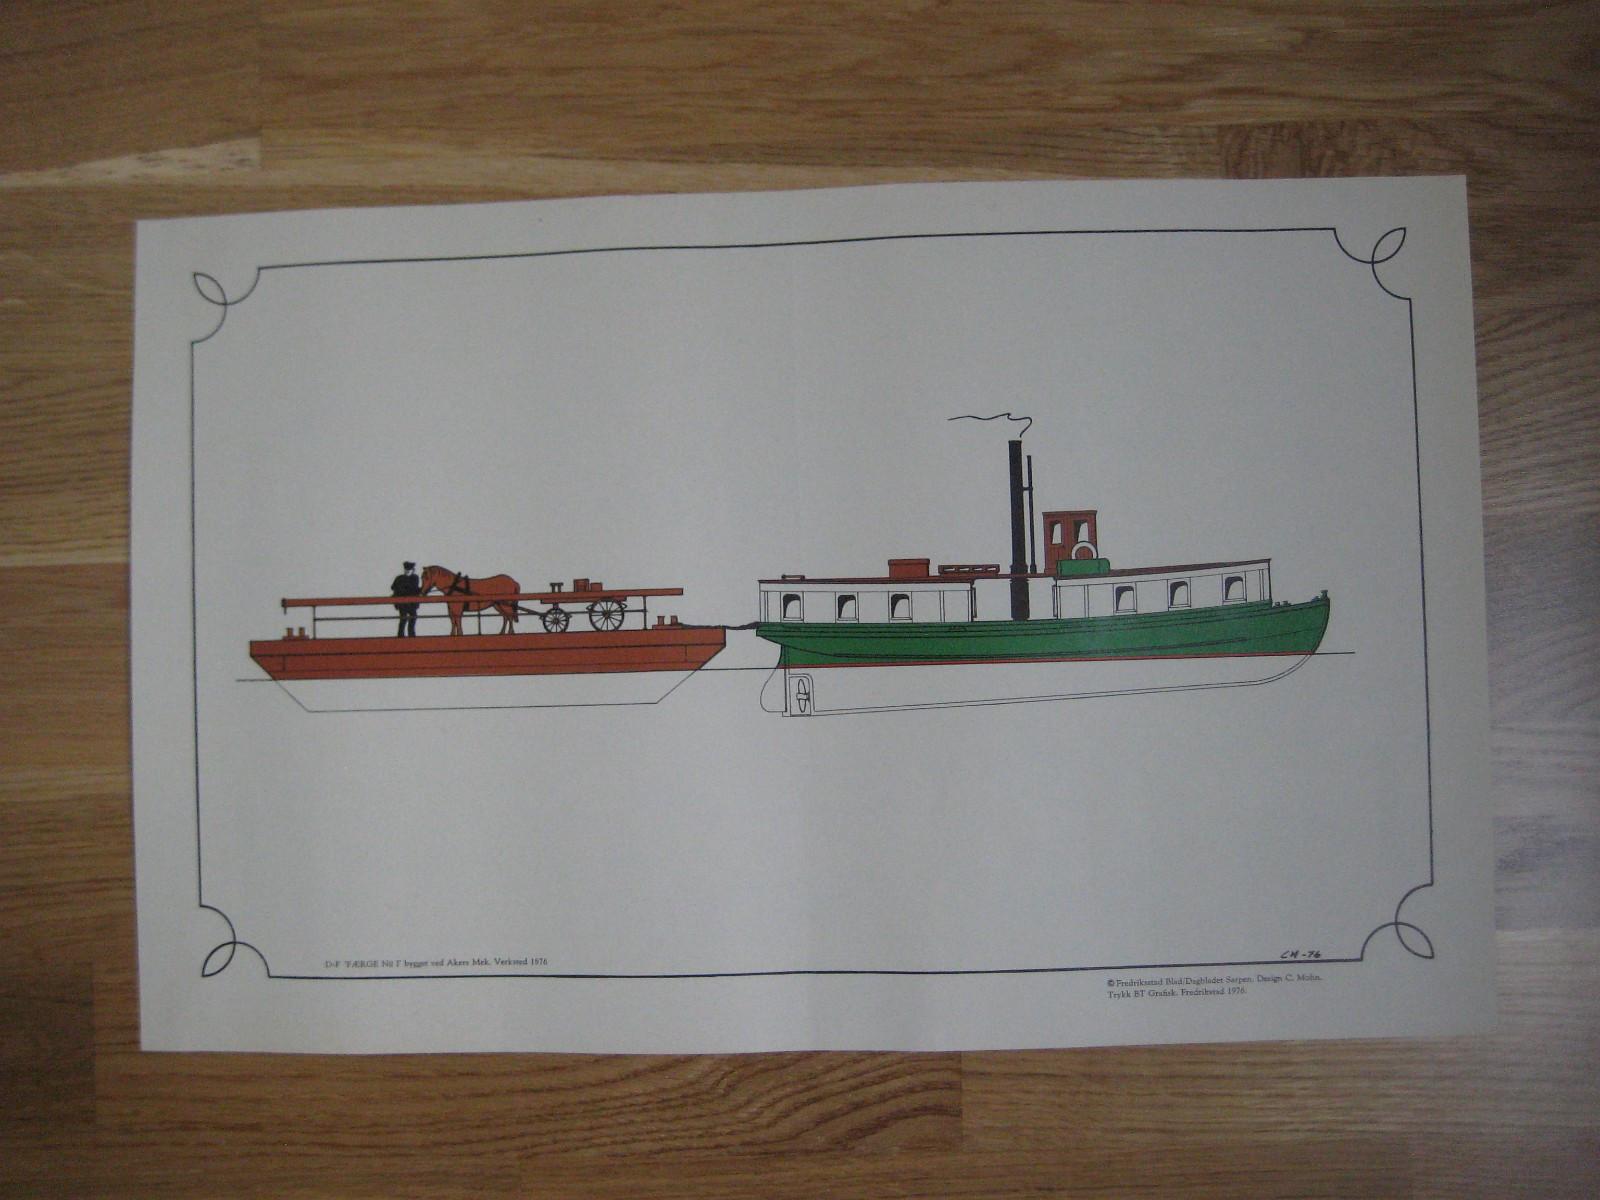 """686) D-F """"FÆRGE No1"""" design C.M. 1976 - Gressvik  - (C.M.=C.Mohn) Bygget ved Akers Mek.v. 1876. Total arkstørrelse ca.29,5x46,5 cm ,- pluss info vedlegg """" """"Een Dampfærge af Jern"""". Vestsiden færgested, Fredrikstad ca.1880. Sendes pent brettet en gang. + porto kr.23,- - Gressvik"""